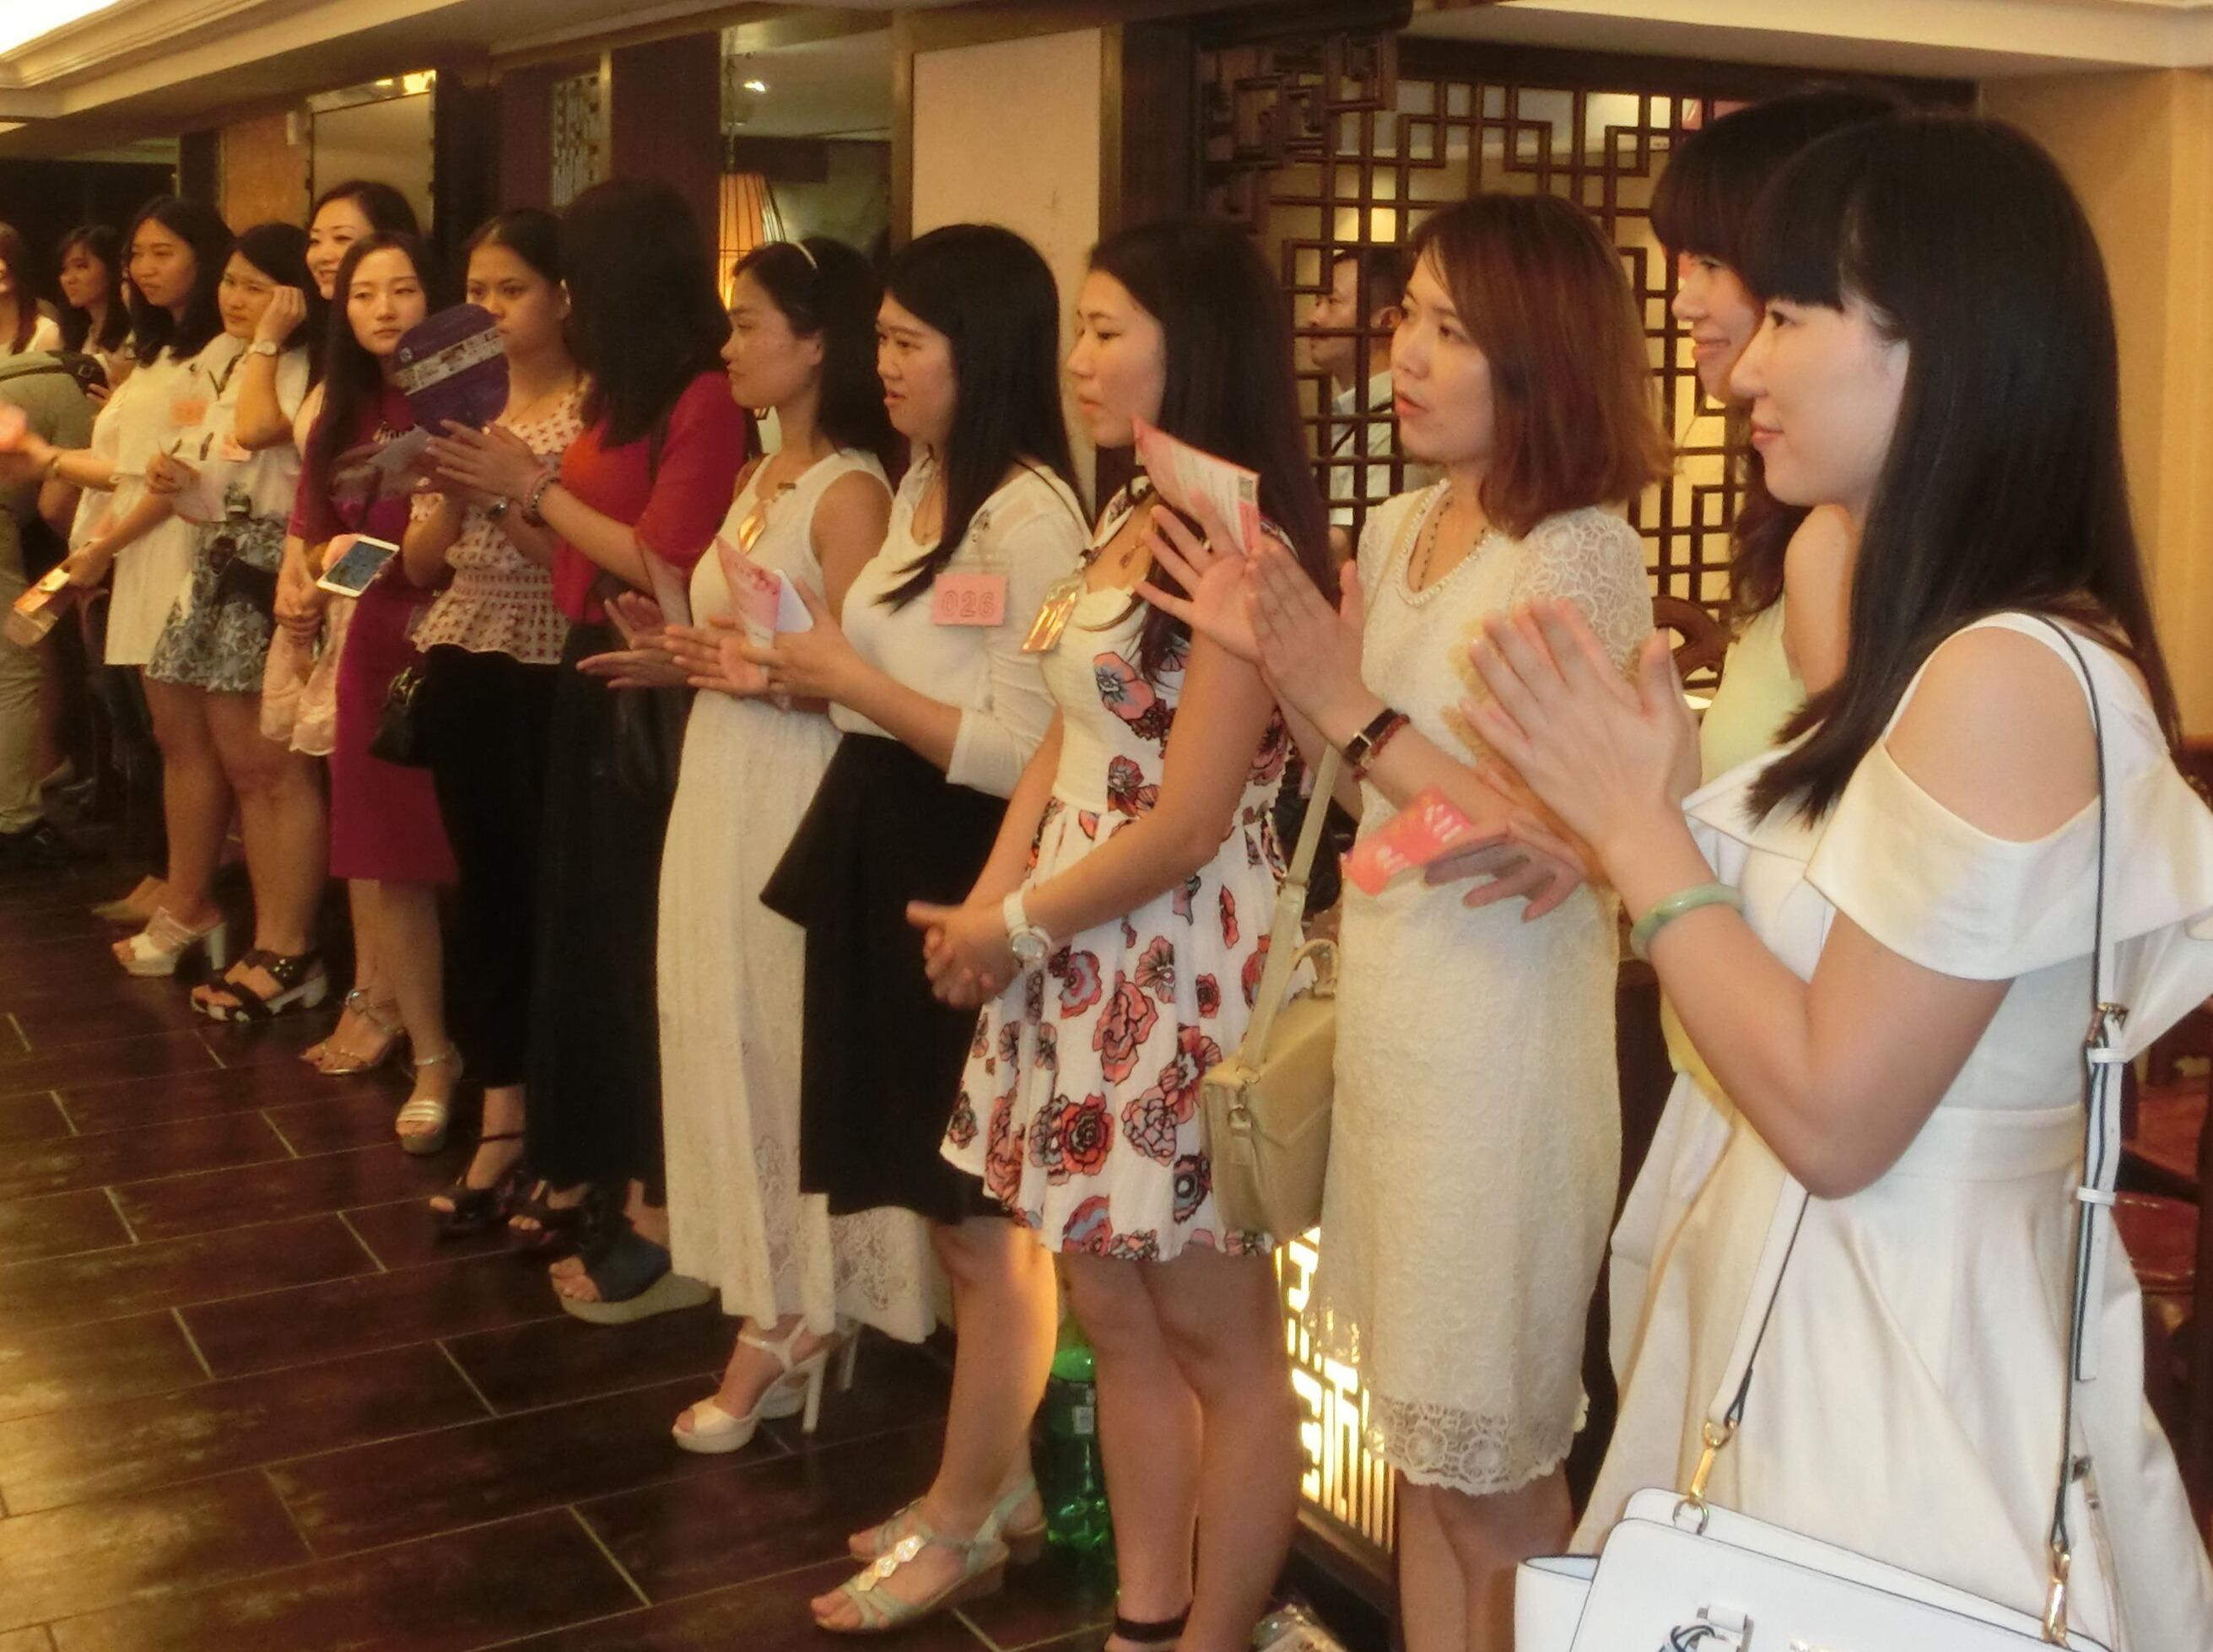 爱情来了 —广州大型单身相亲交友活动